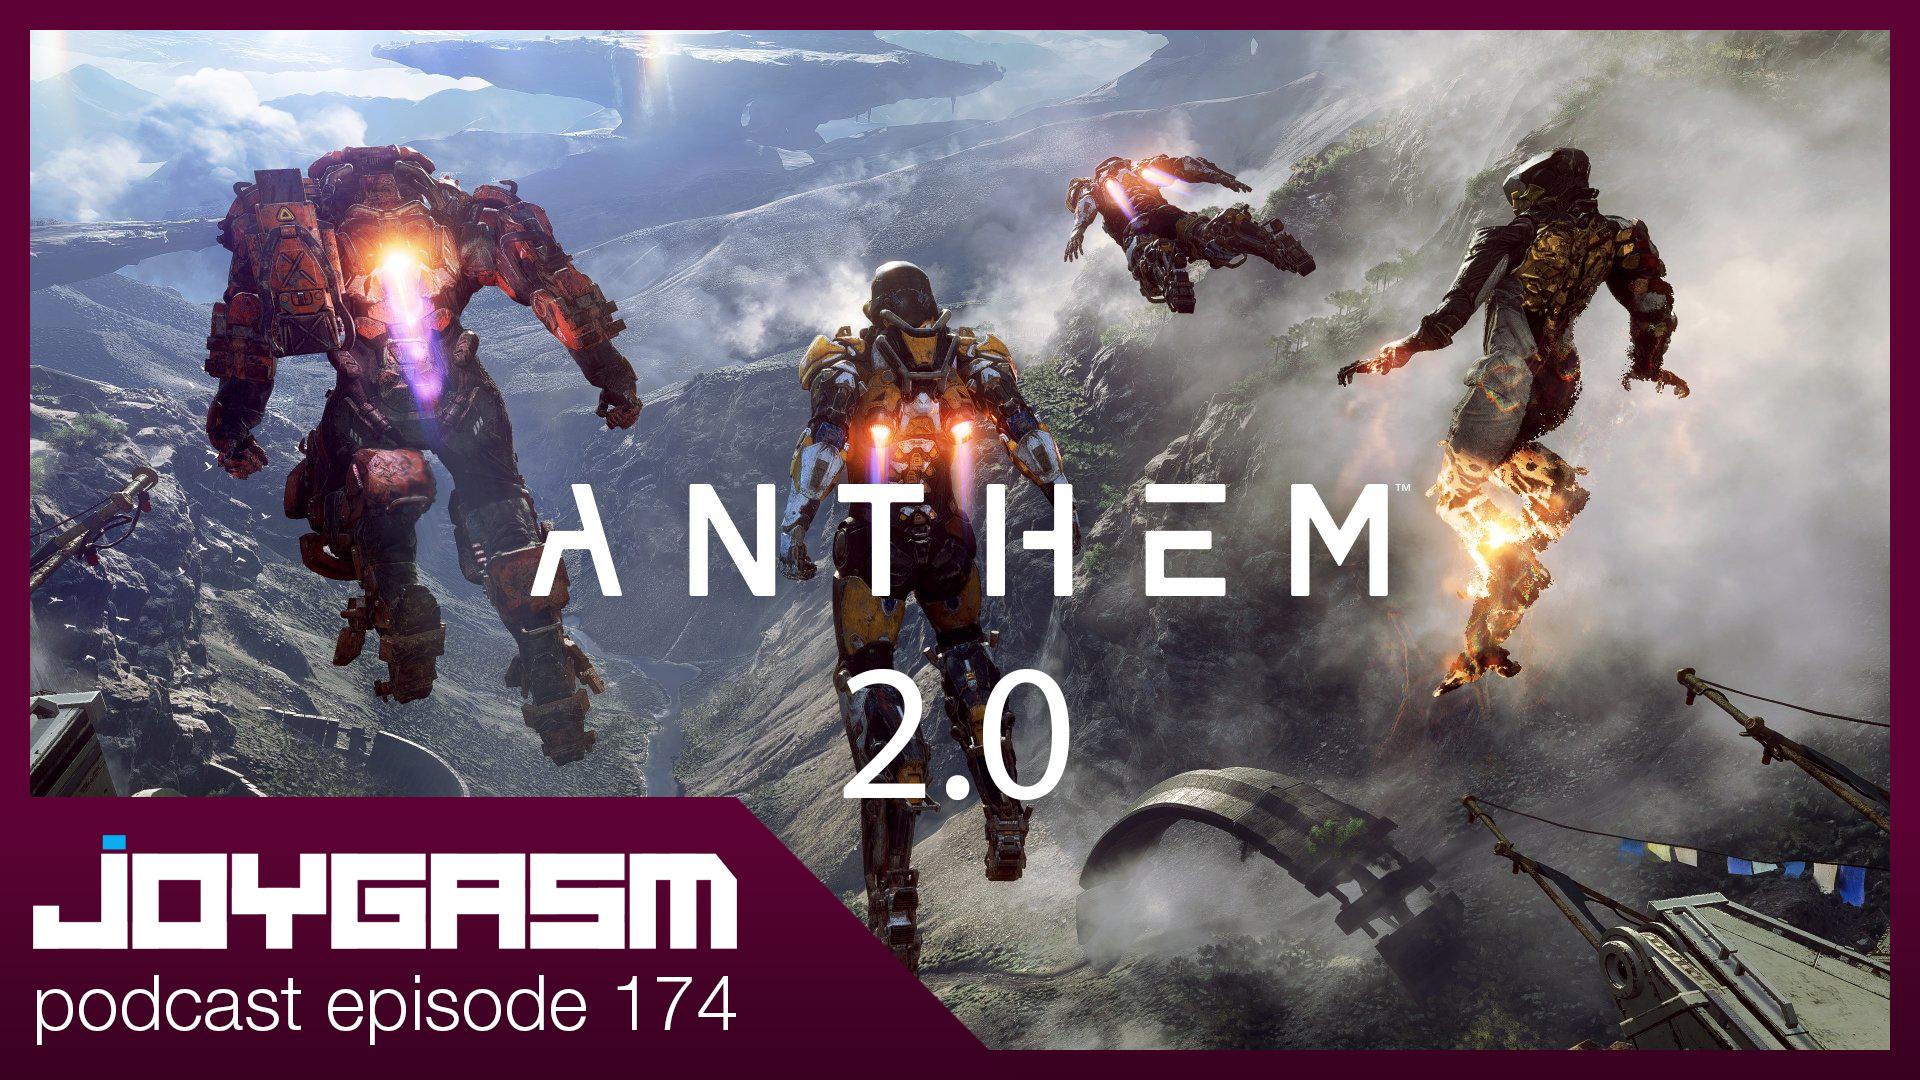 Ep. 174: Bioware Working On Anthem 2.0